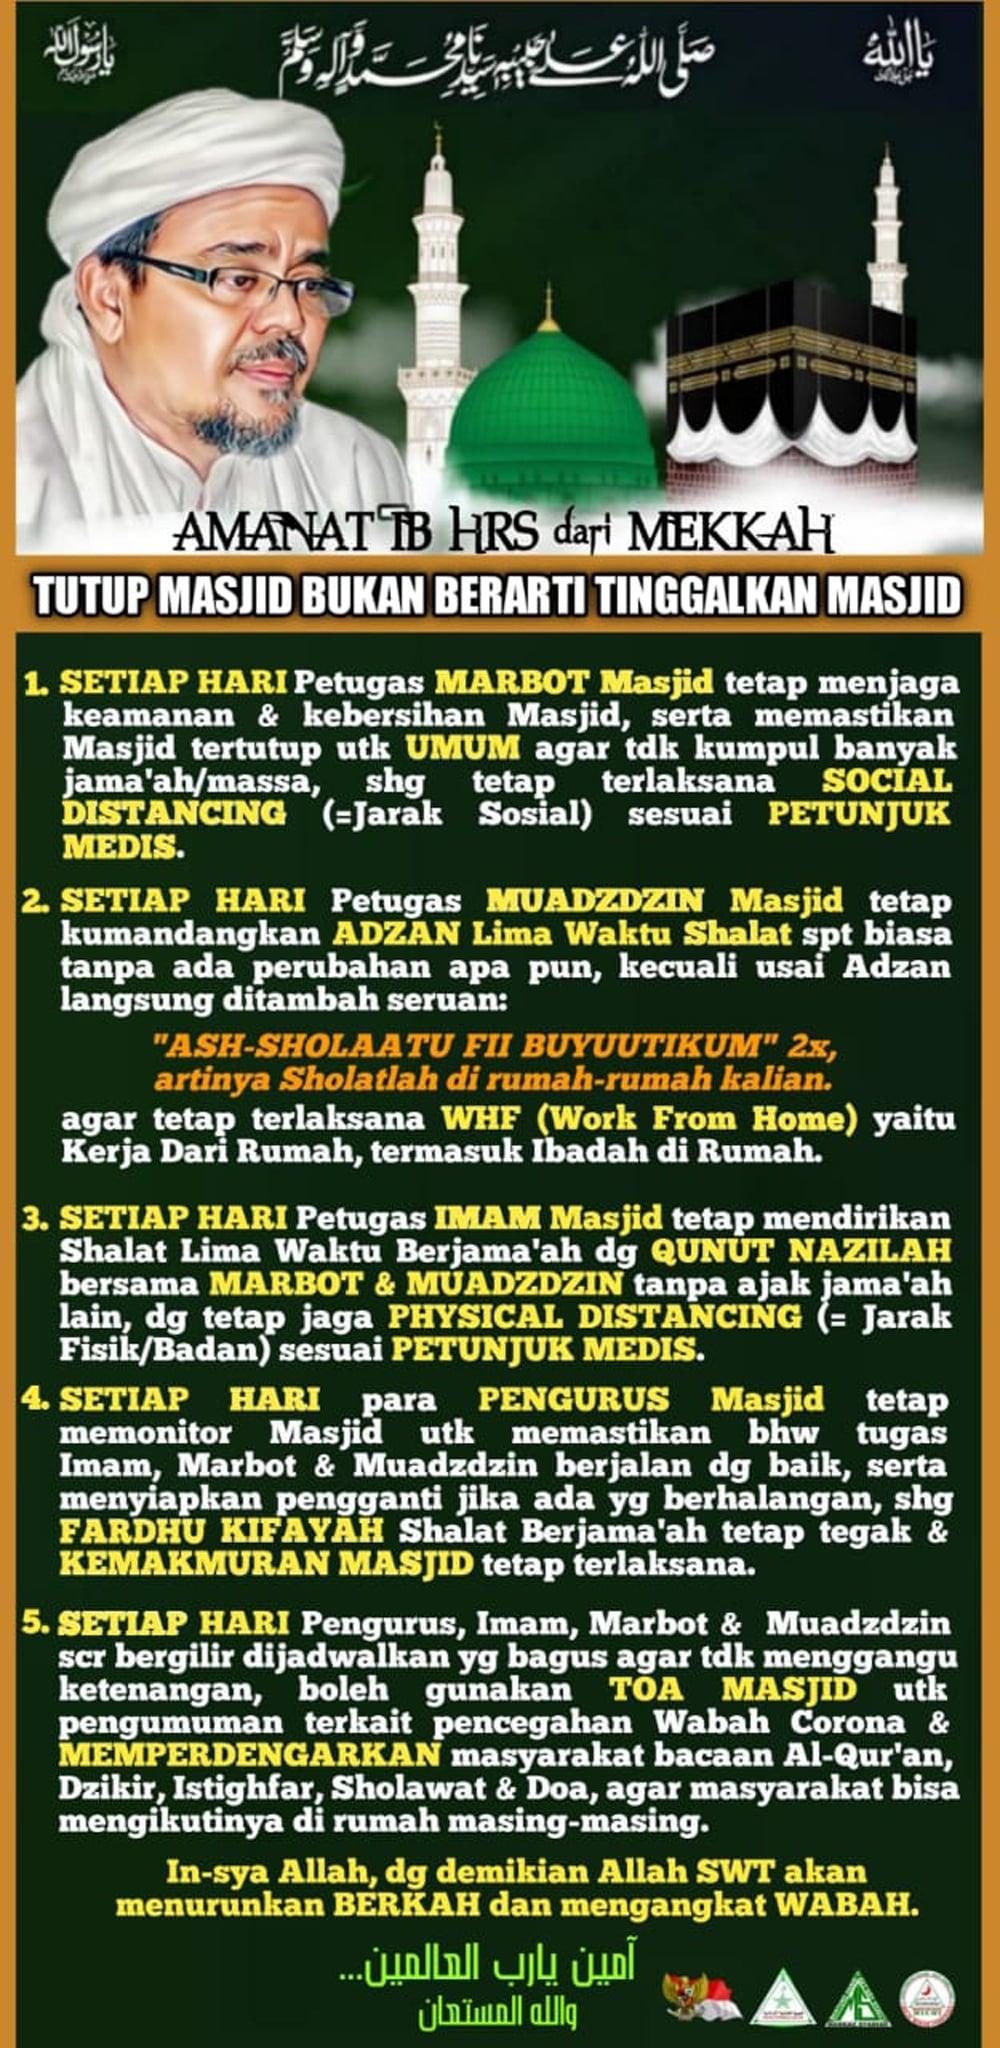 Amanat-IB-HRS-dari-Mekkah